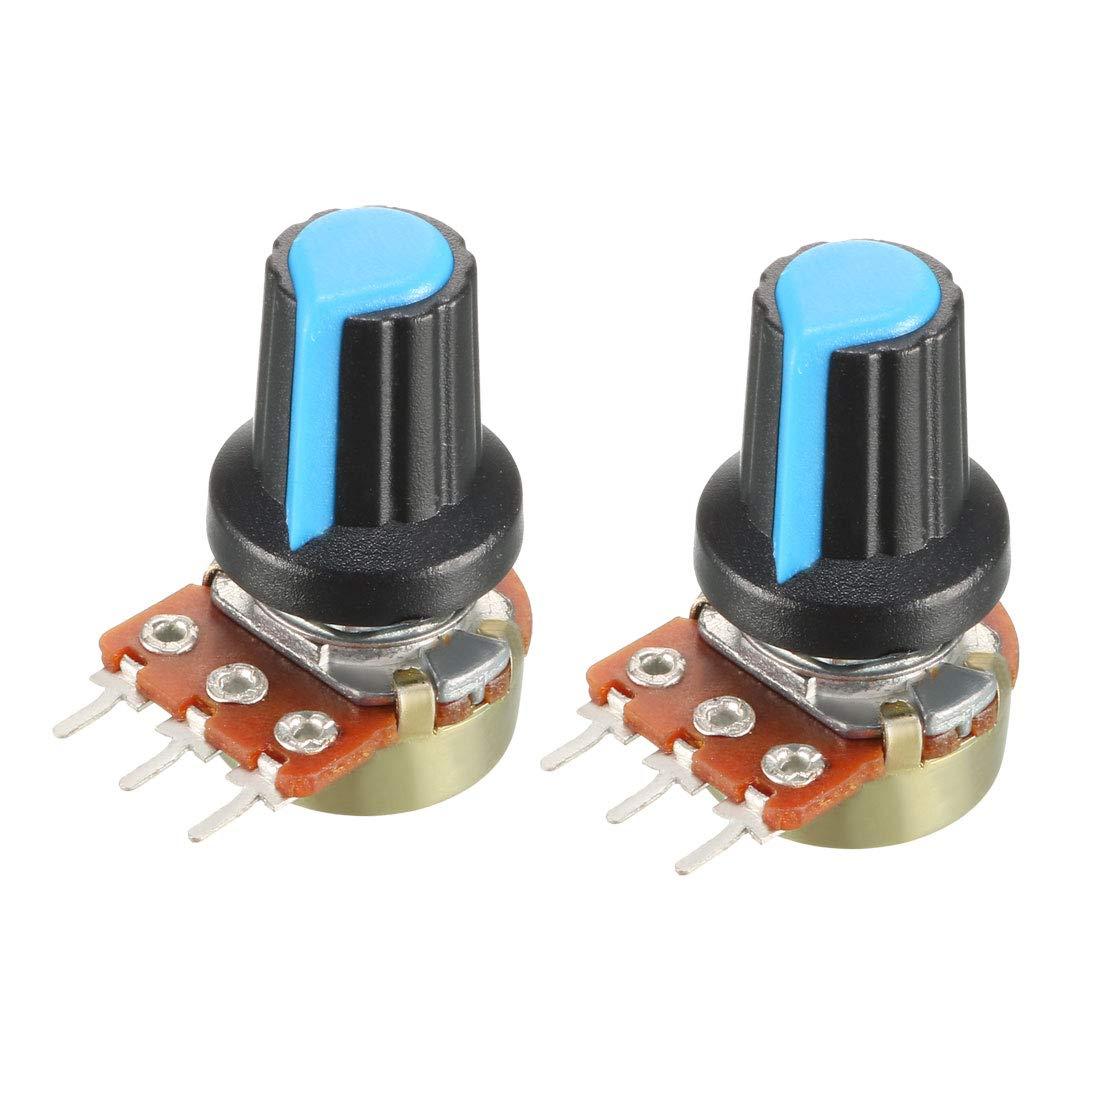 uxcell 2Pcs 5K Ohm Variable Resistors Single Turn